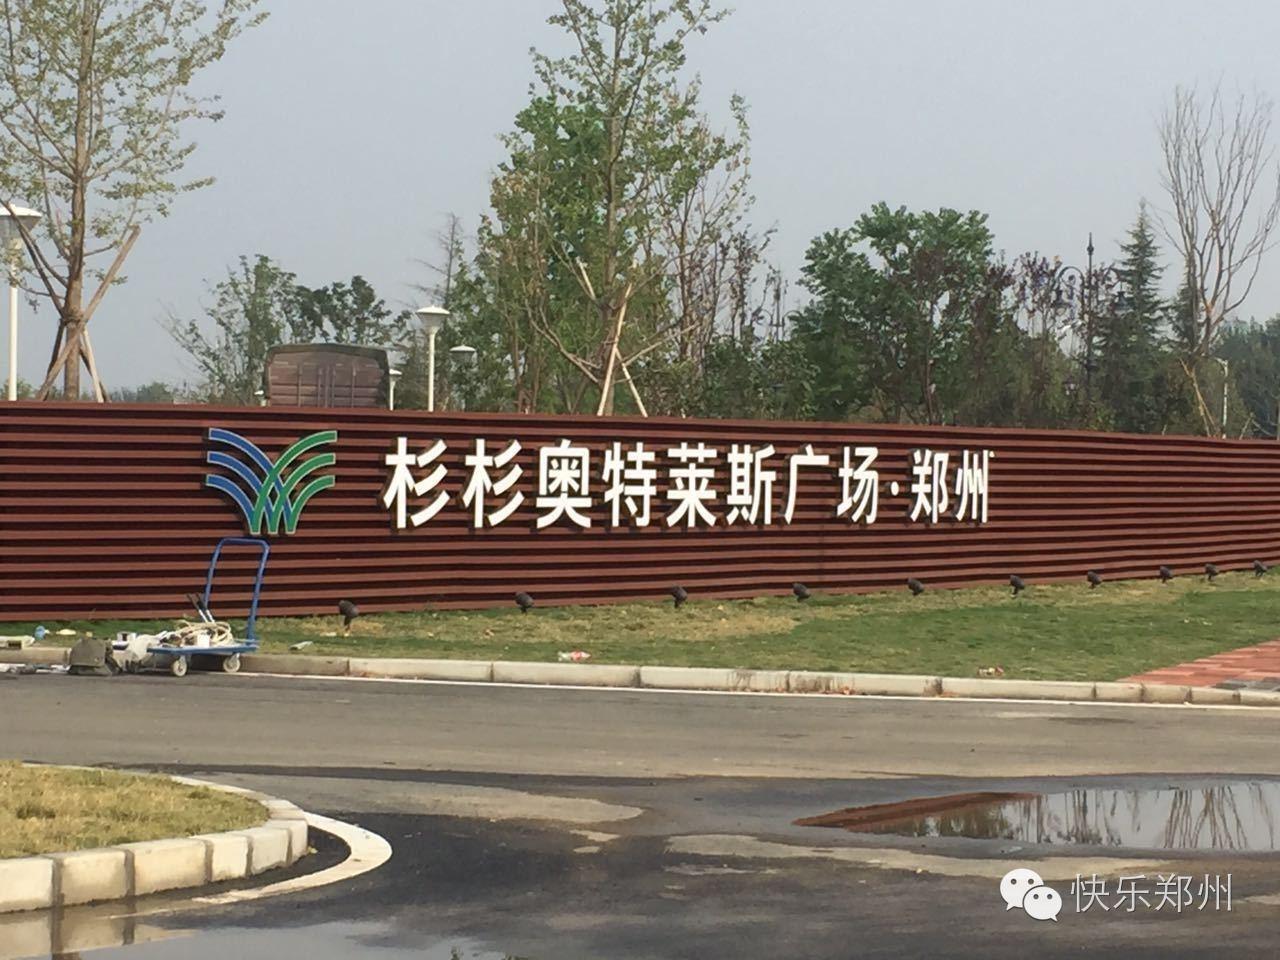 郑州首家纯血奥特莱斯值不值得去 附明星单品价格清单高清图片